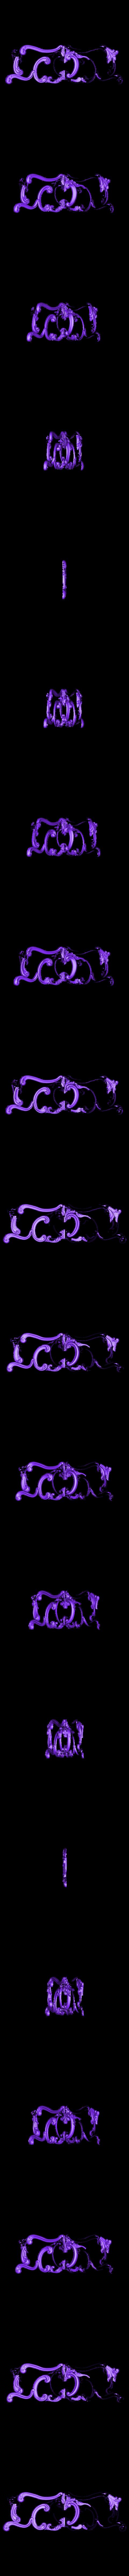 35_2.stl Télécharger fichier STL gratuit Décorations de lit • Design pour impression 3D, 3DPrinterFiles